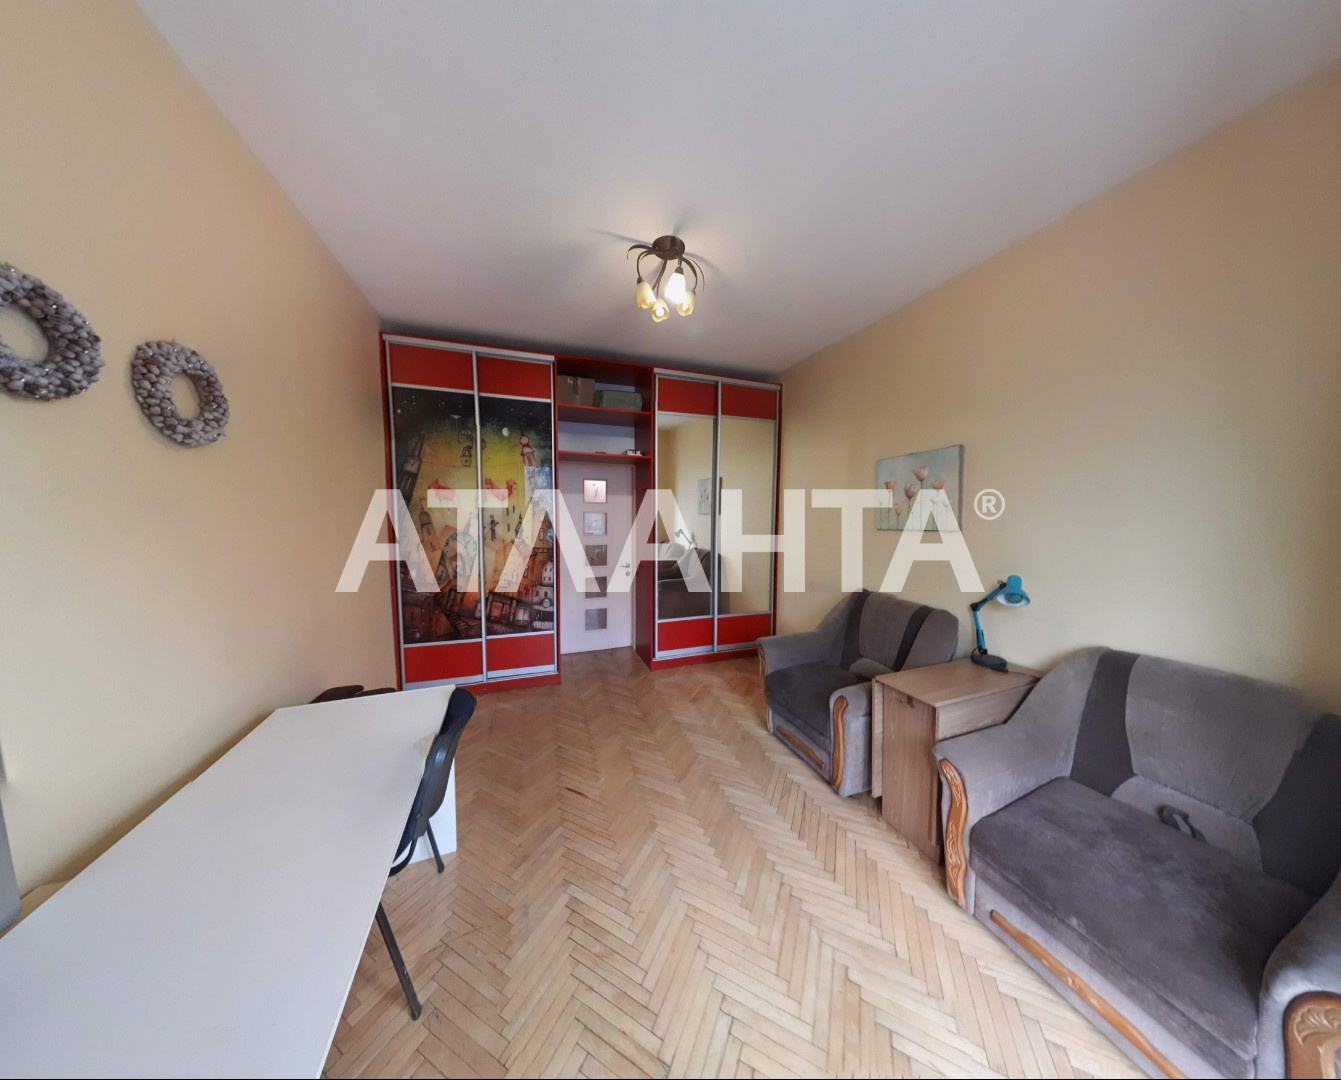 Продается 3-комнатная Квартира на ул. Просп.Науки — 65 000 у.е. (фото №5)